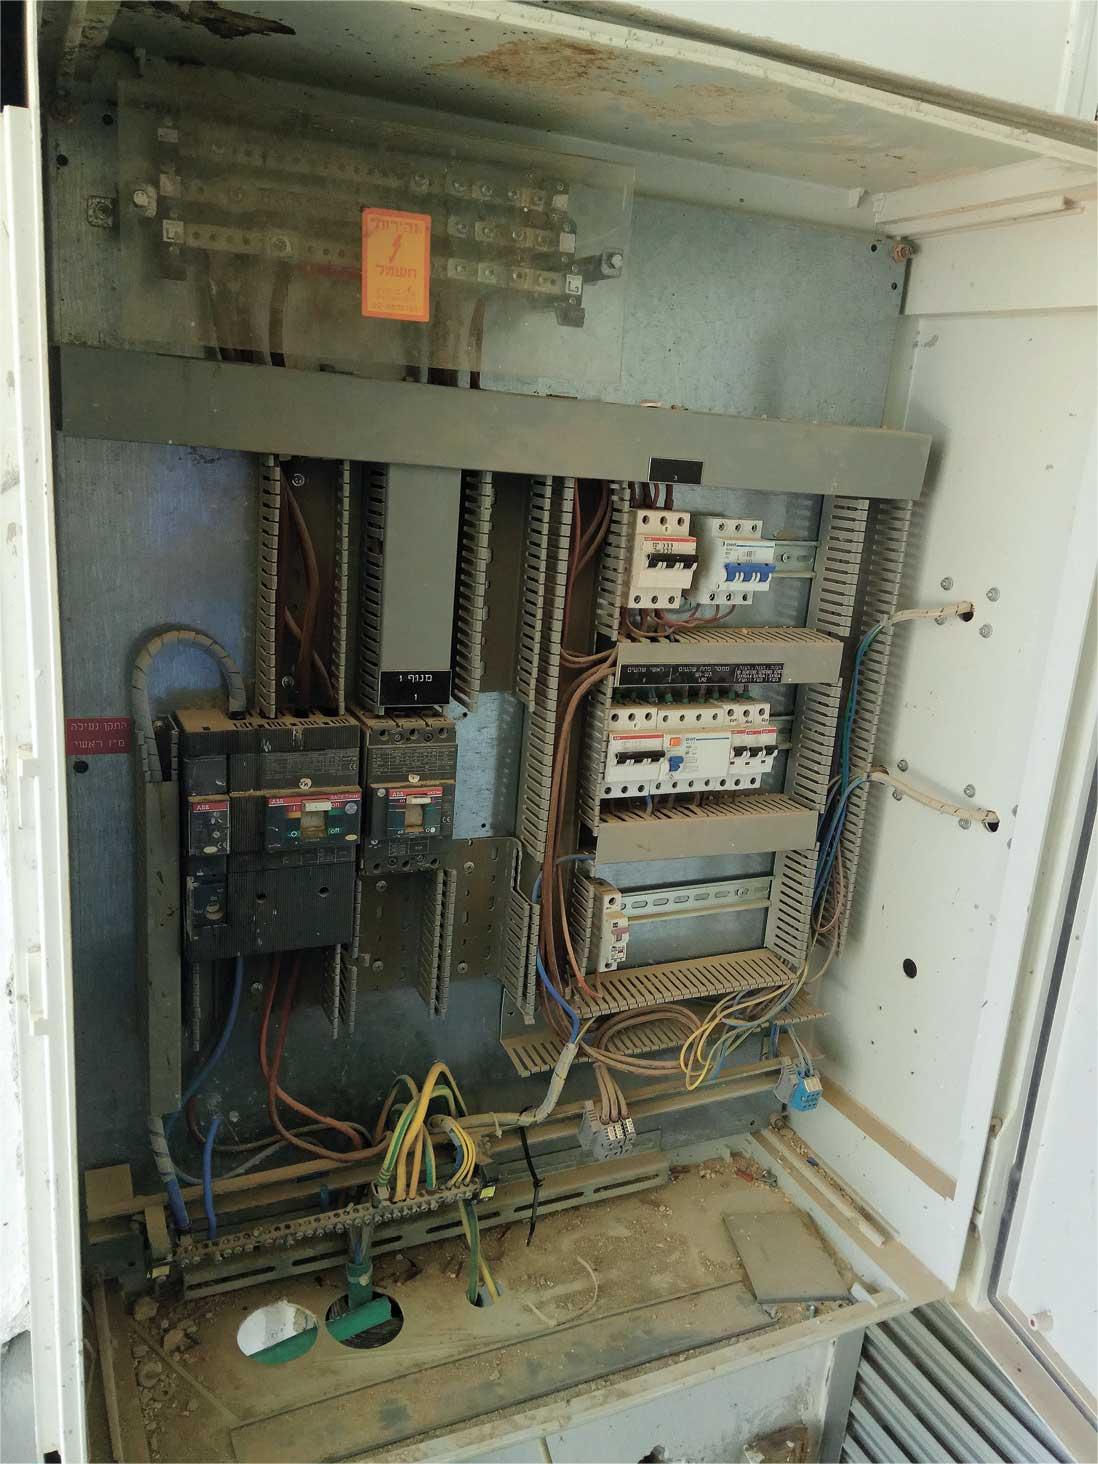 ארון החשמל בבניין. צילום: דניאל סלגניק